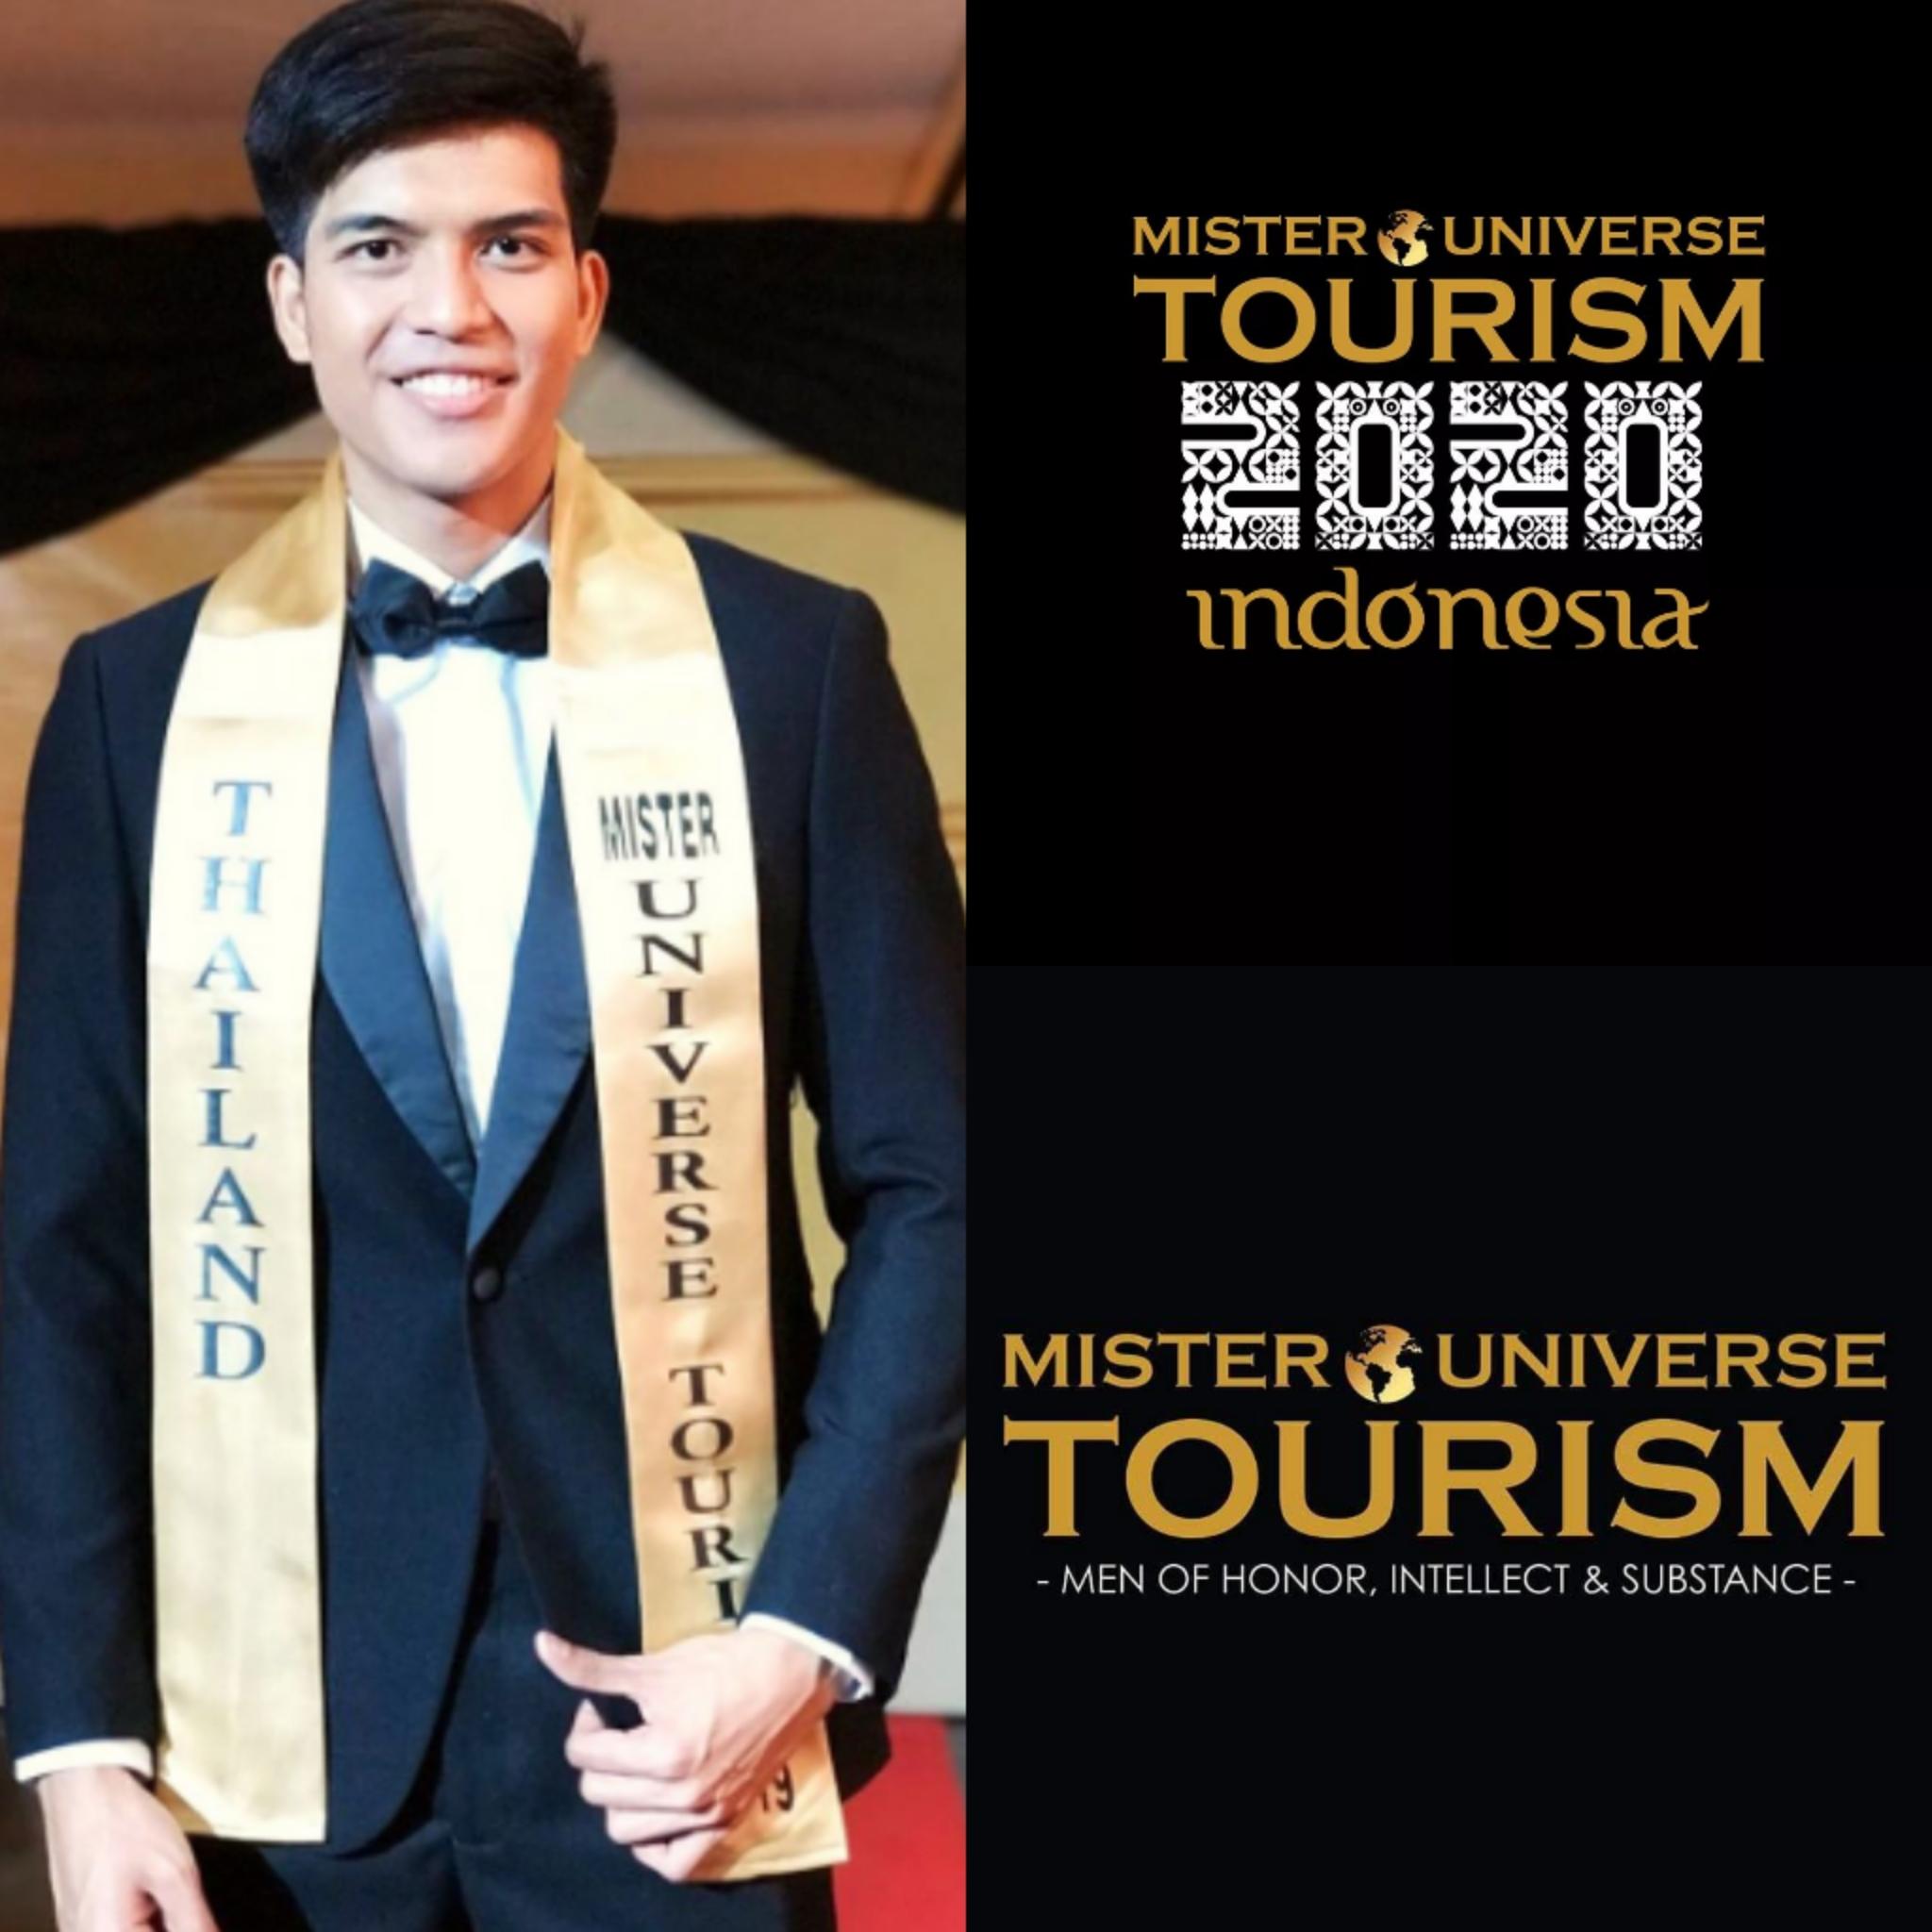 Mister-Universe-Tourism-2020